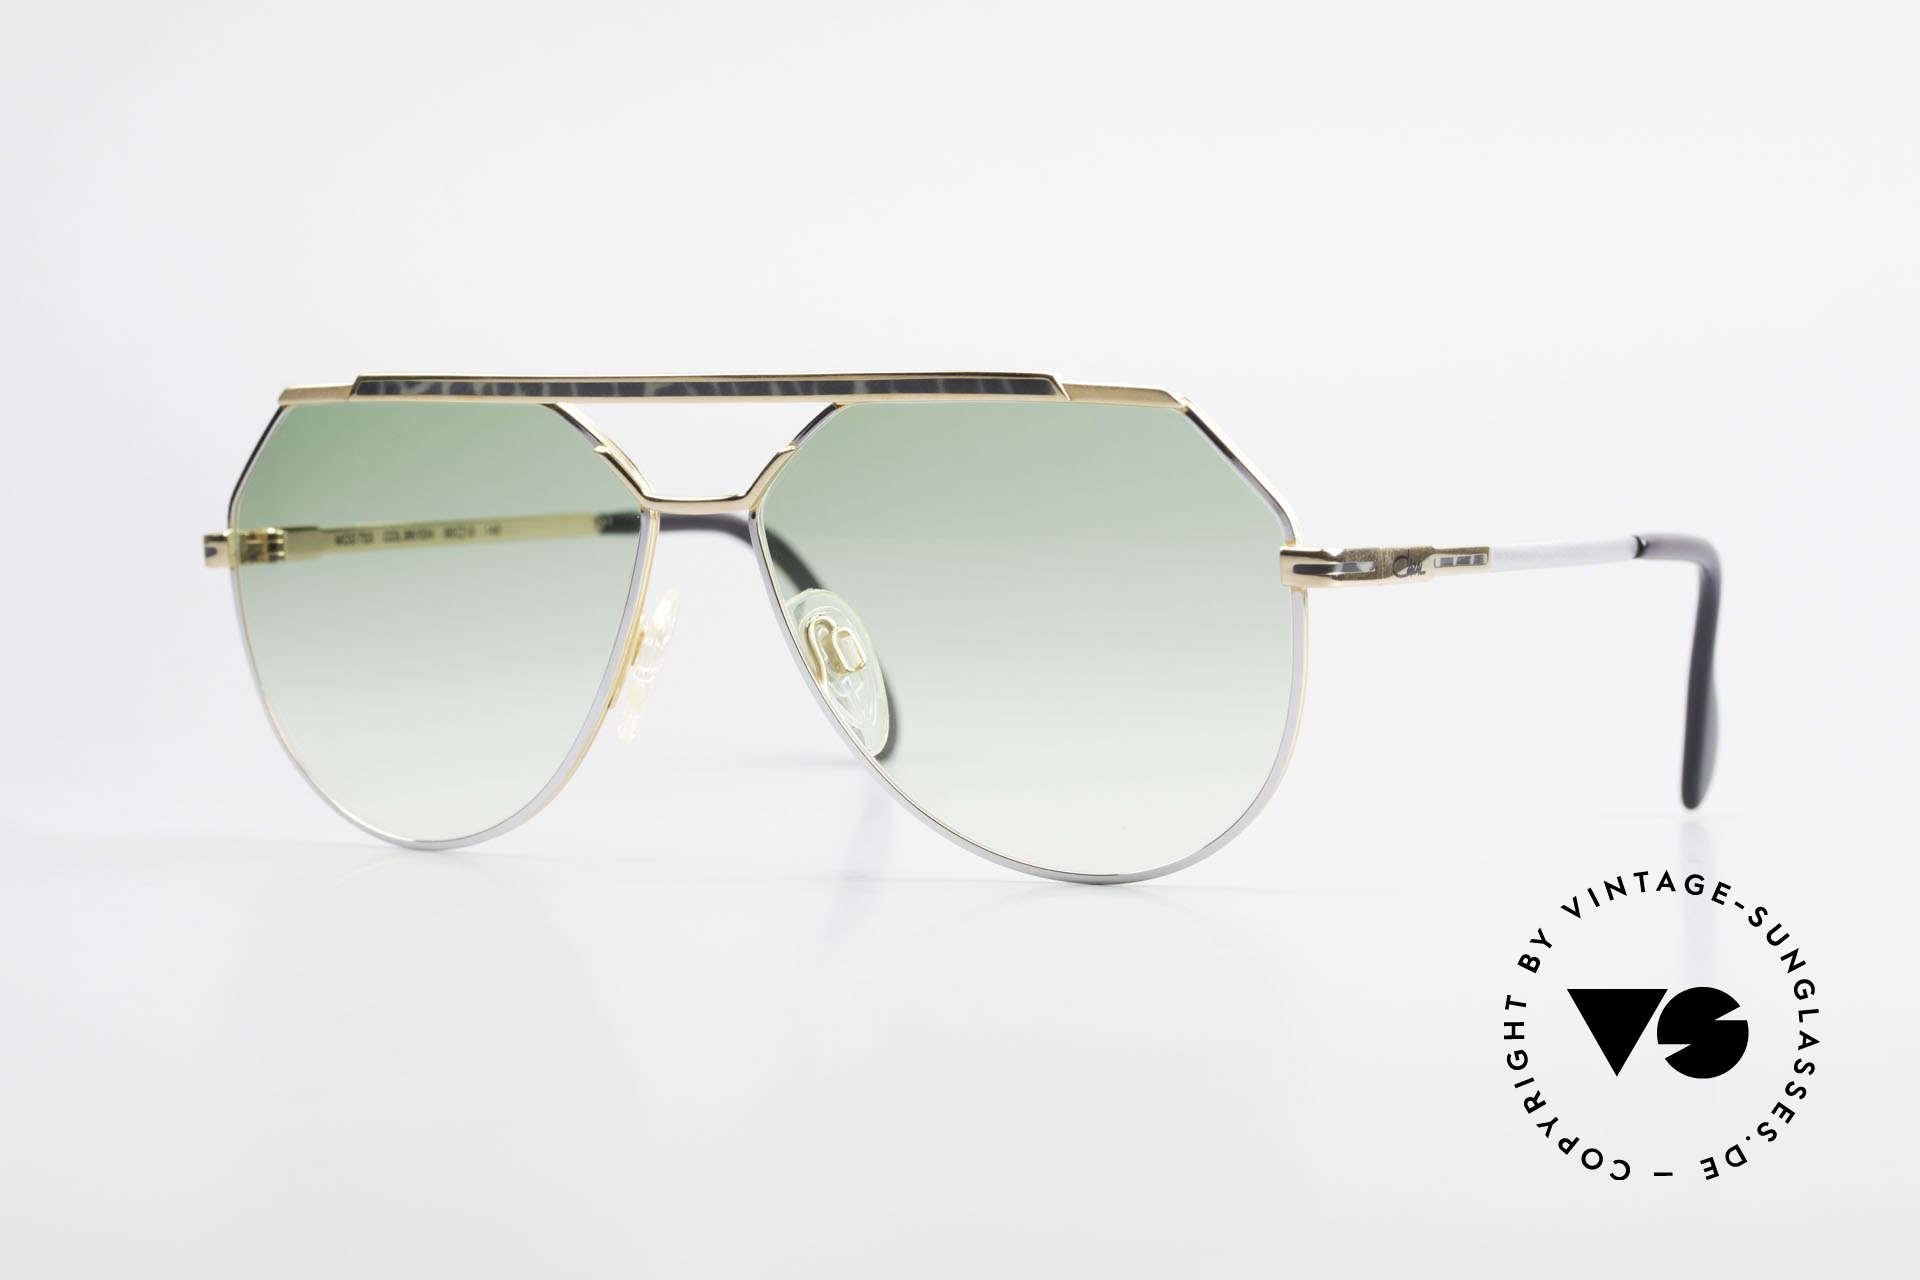 Cazal 733 Goldplattierte Sonnenbrille, sehr markante Cazal vintage Herrenbrille von 1986/87, Passend für Herren